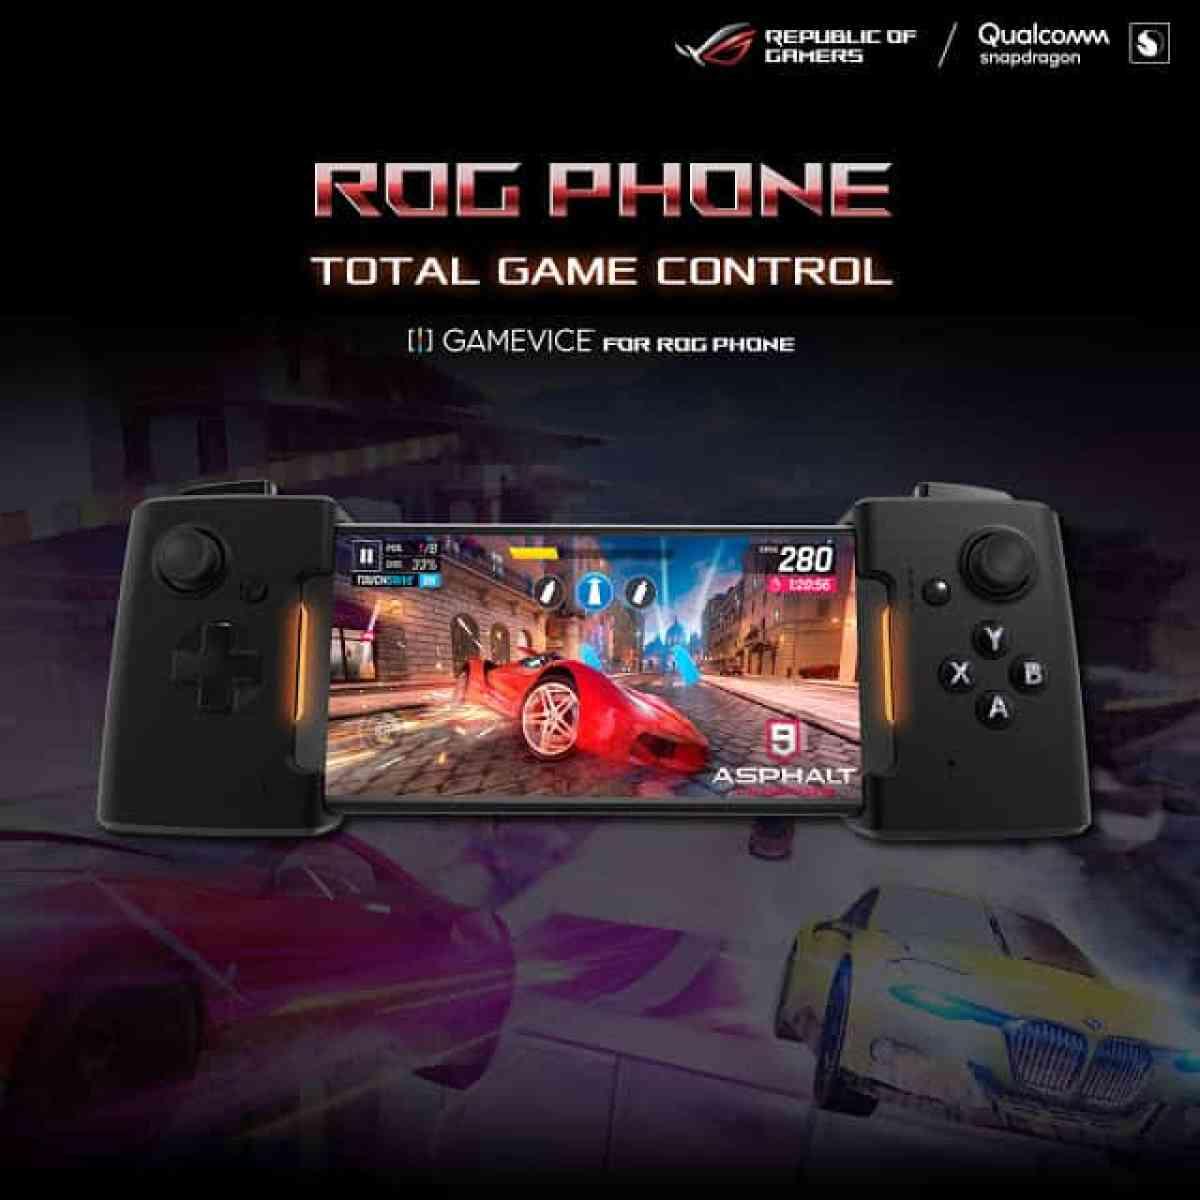 - Gamevice 2 - ASUS เปิดตัว ROG Phone ครั้งแรกในไทย!  แนะนำสุดยอดเกมมิ่งสมาร์ทโฟนที่แรงที่สุดในโลก